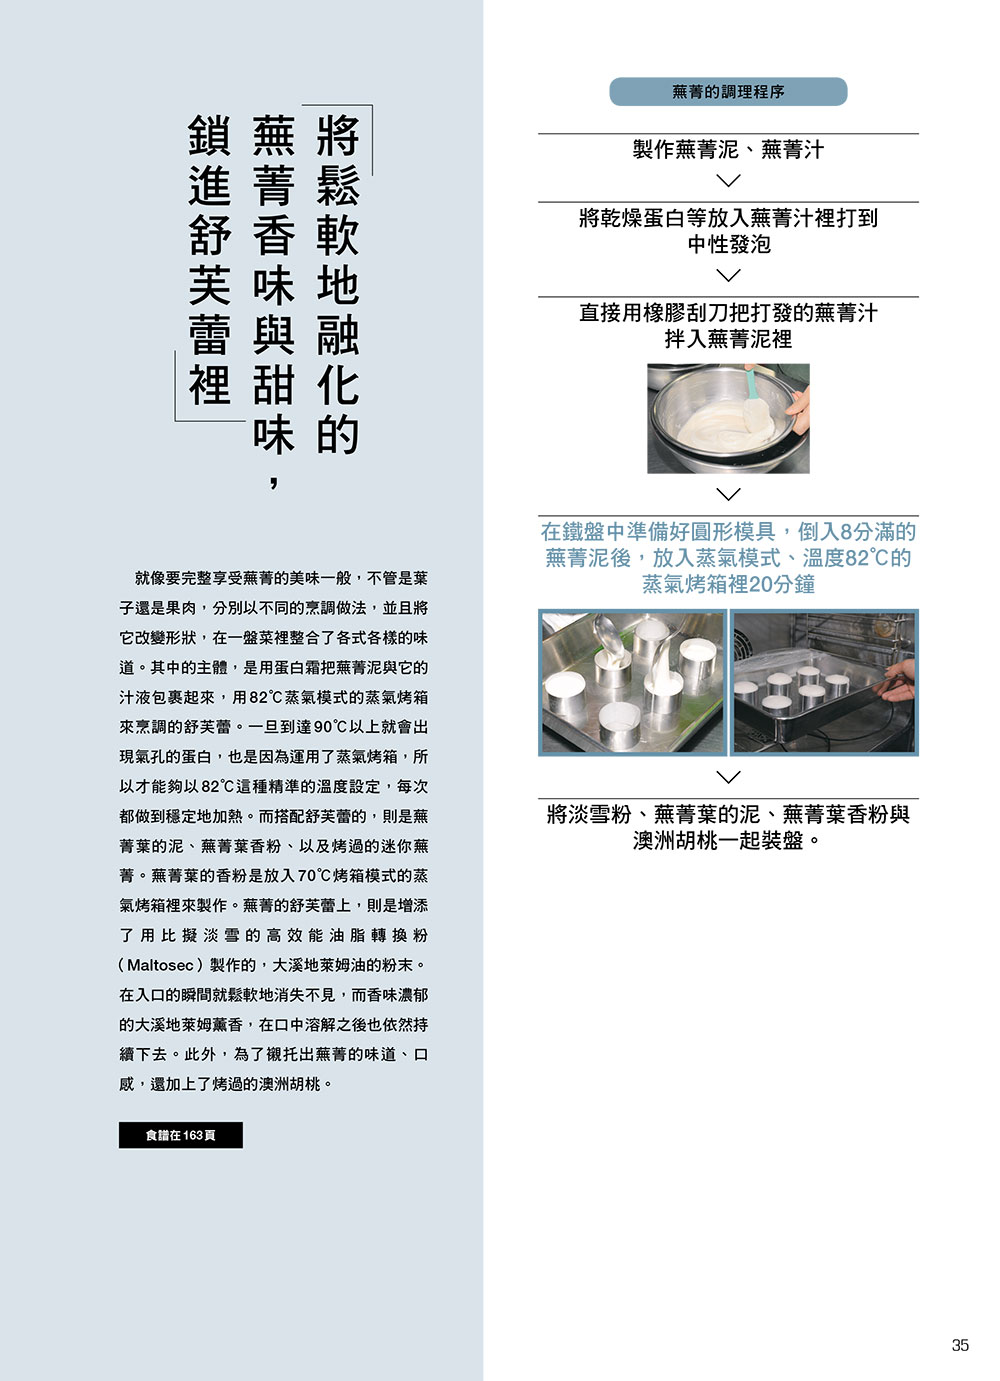 《蒸氣烤箱魅力料理 技術教本:刺激料理人感性的「加熱」妙技》 商品條碼,ISBN:9789864012121